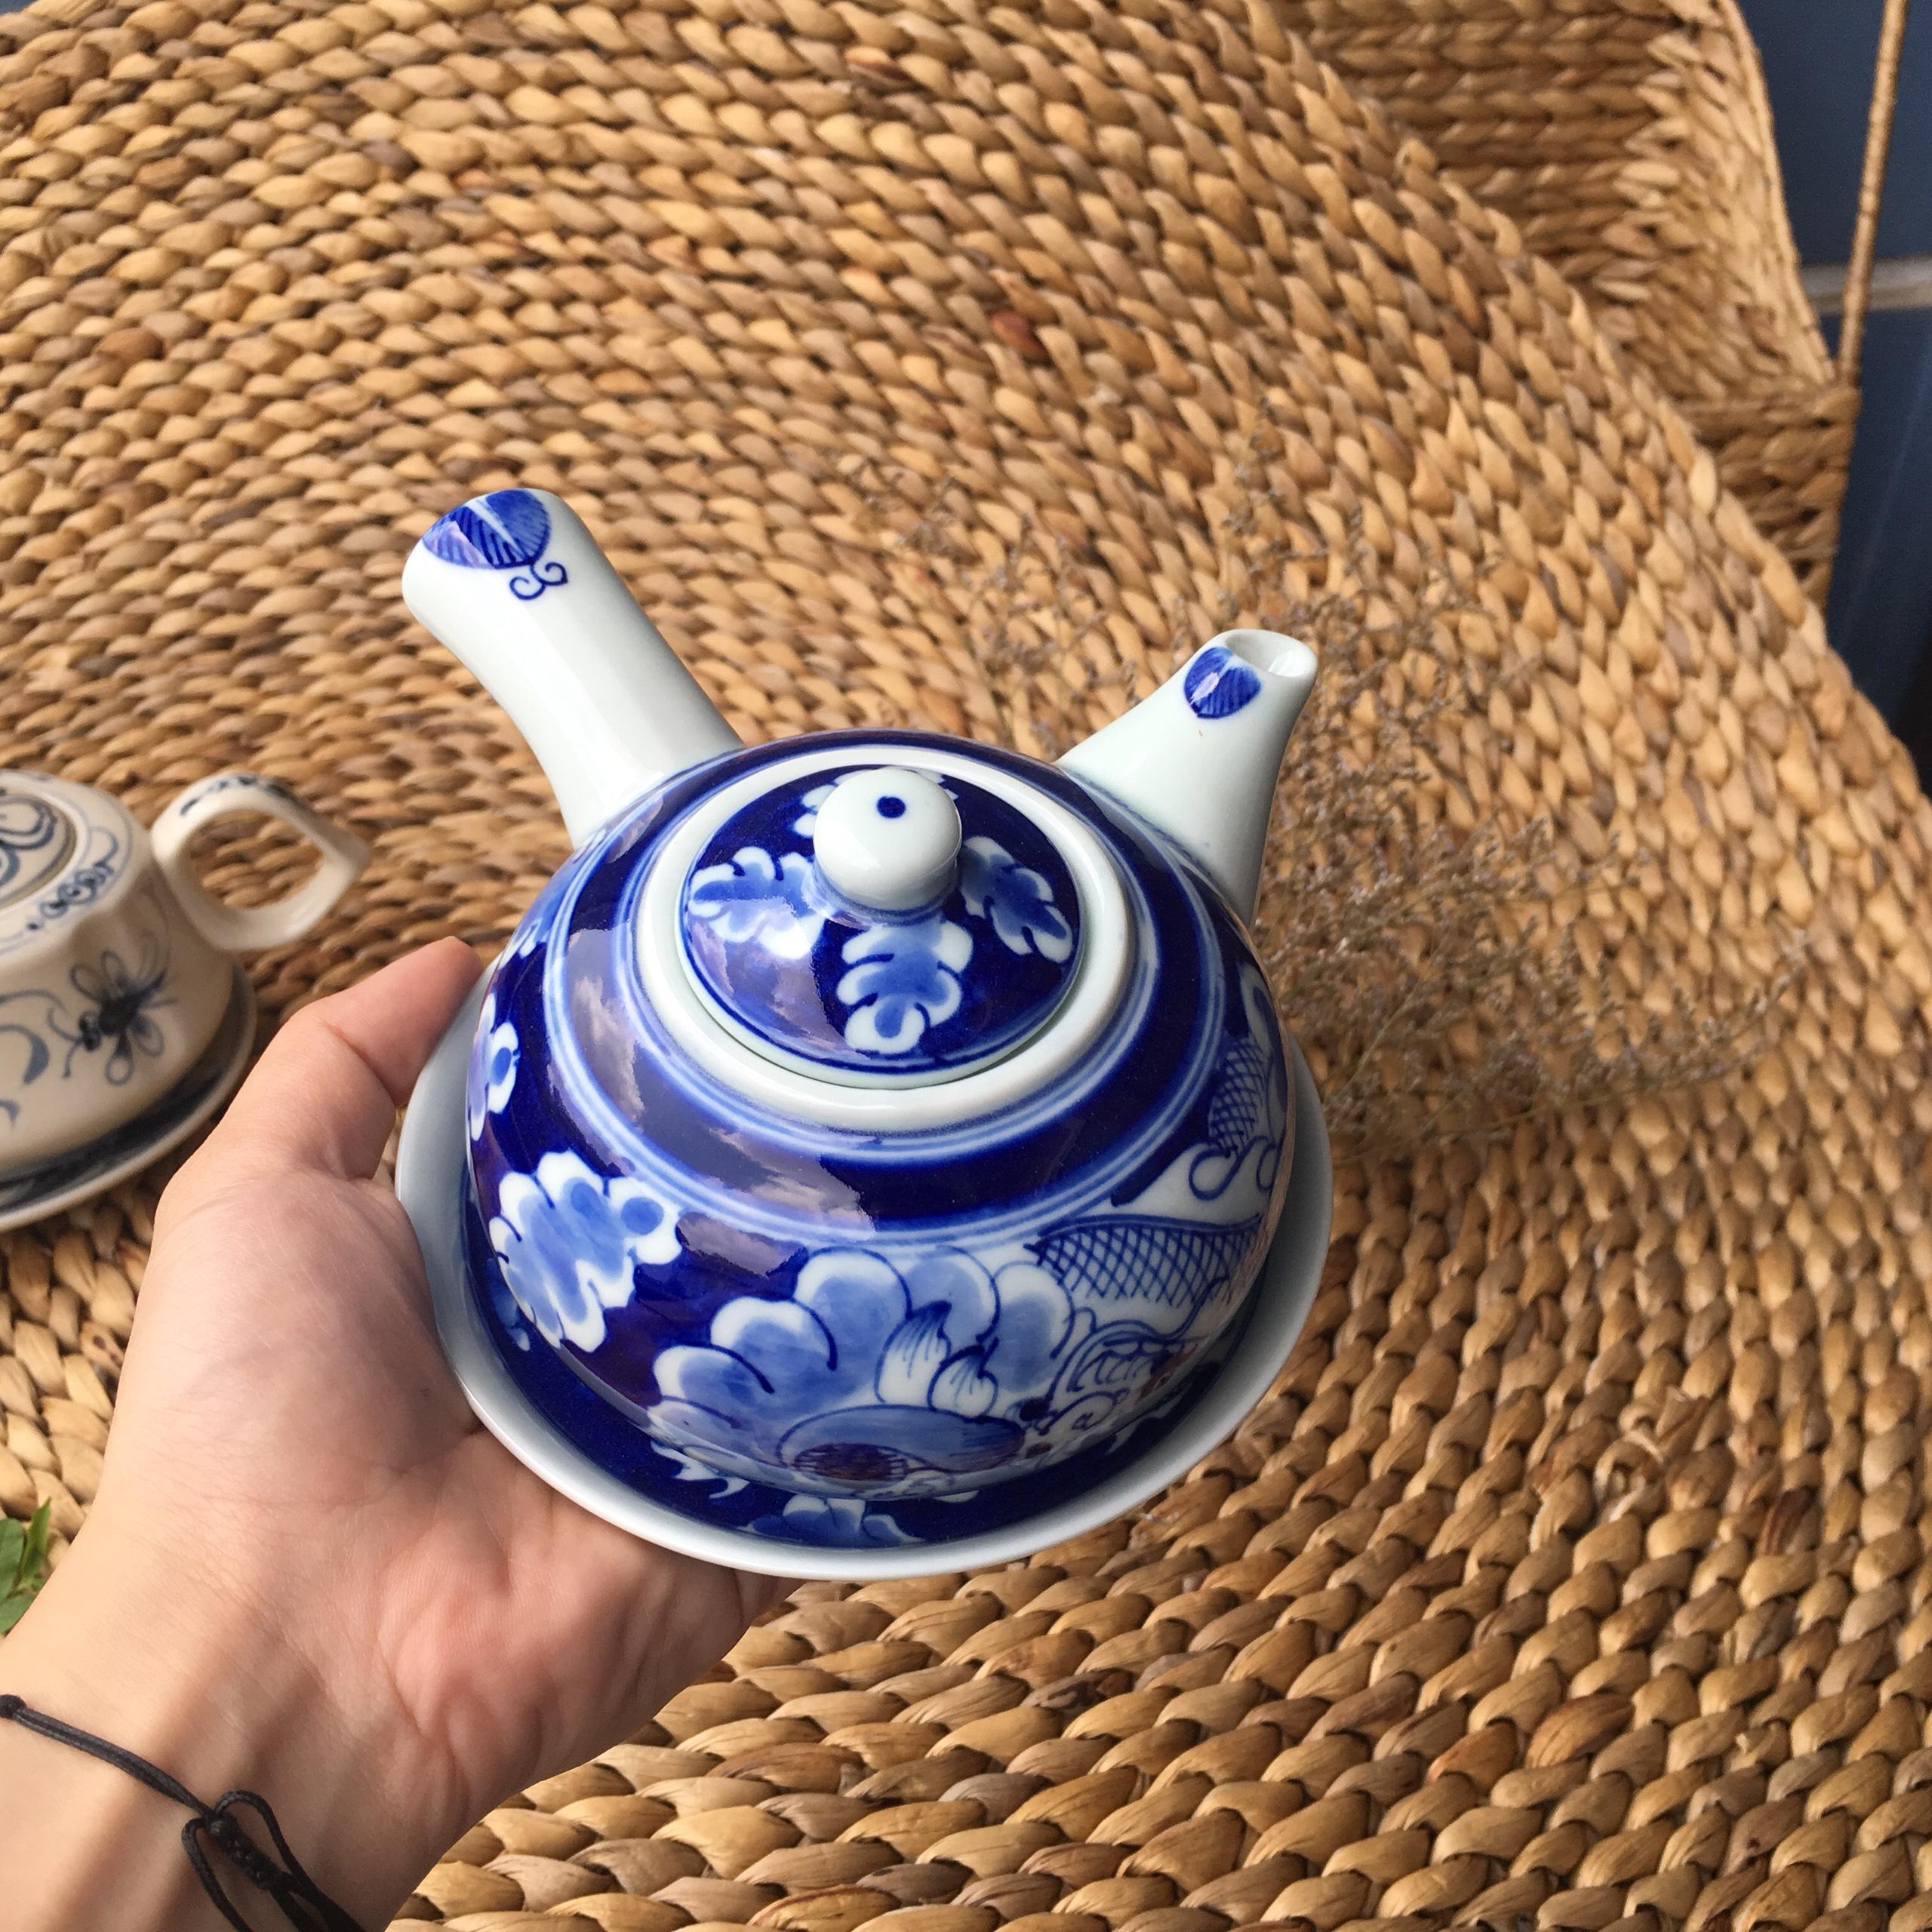 Bộ bình trà ( ấm chén) ngang tách rồng men trắng MNV-TS523